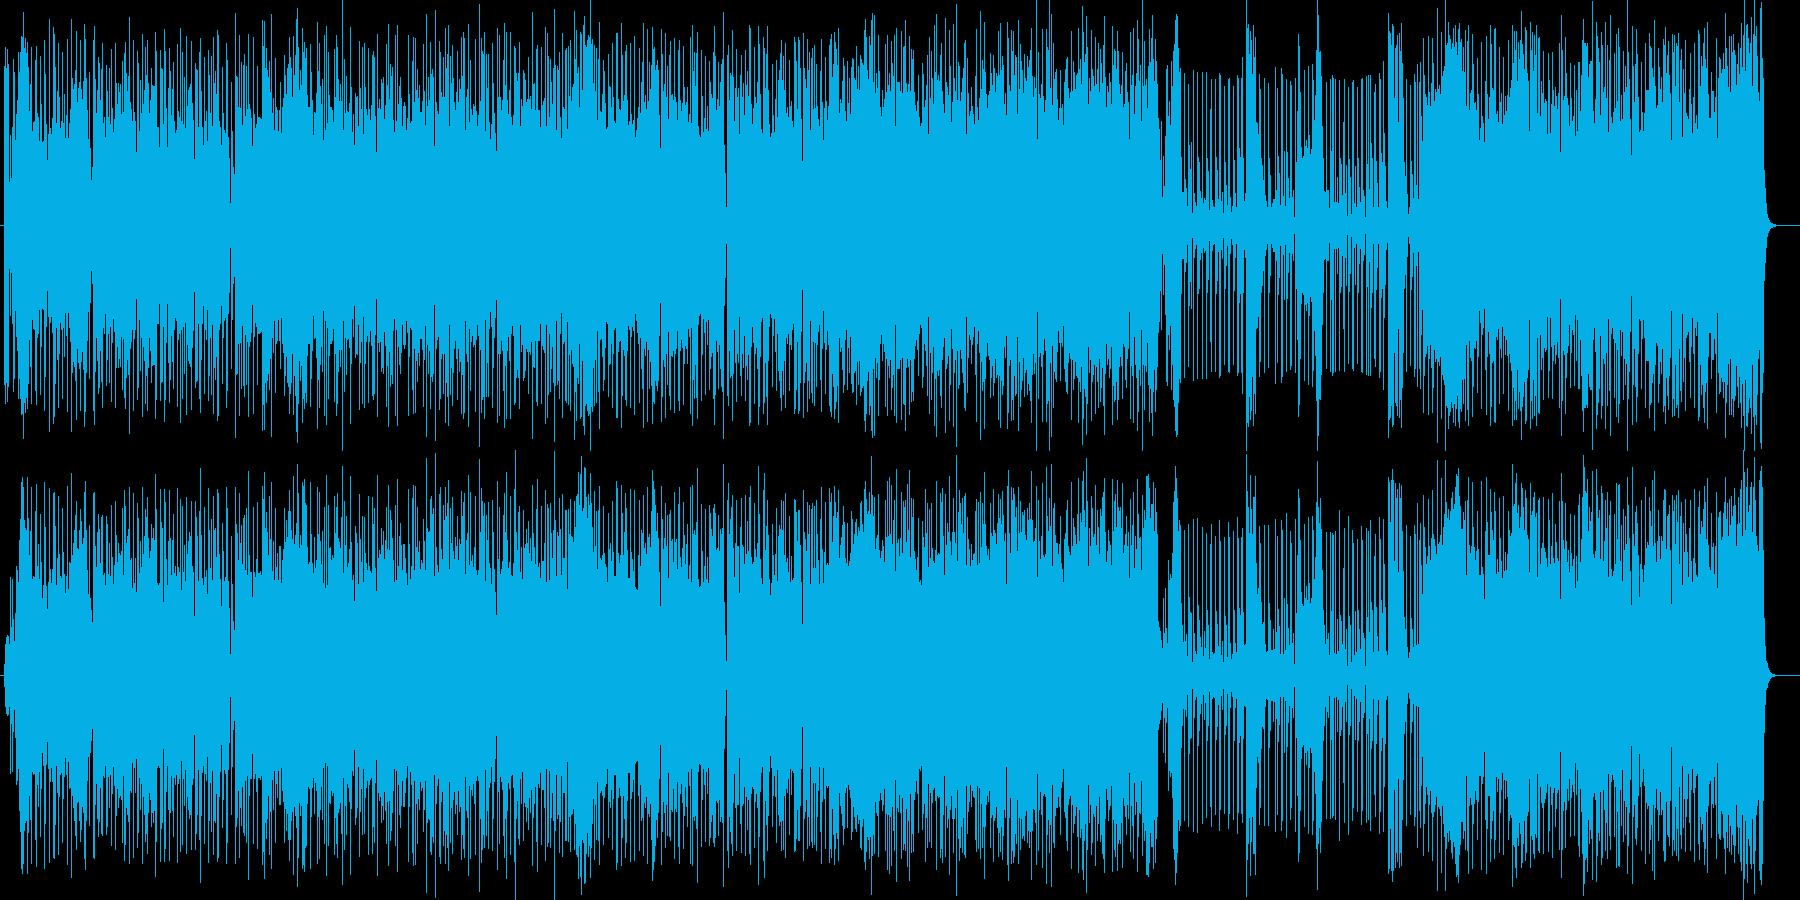 軽快でリズム感のあるポップスの再生済みの波形